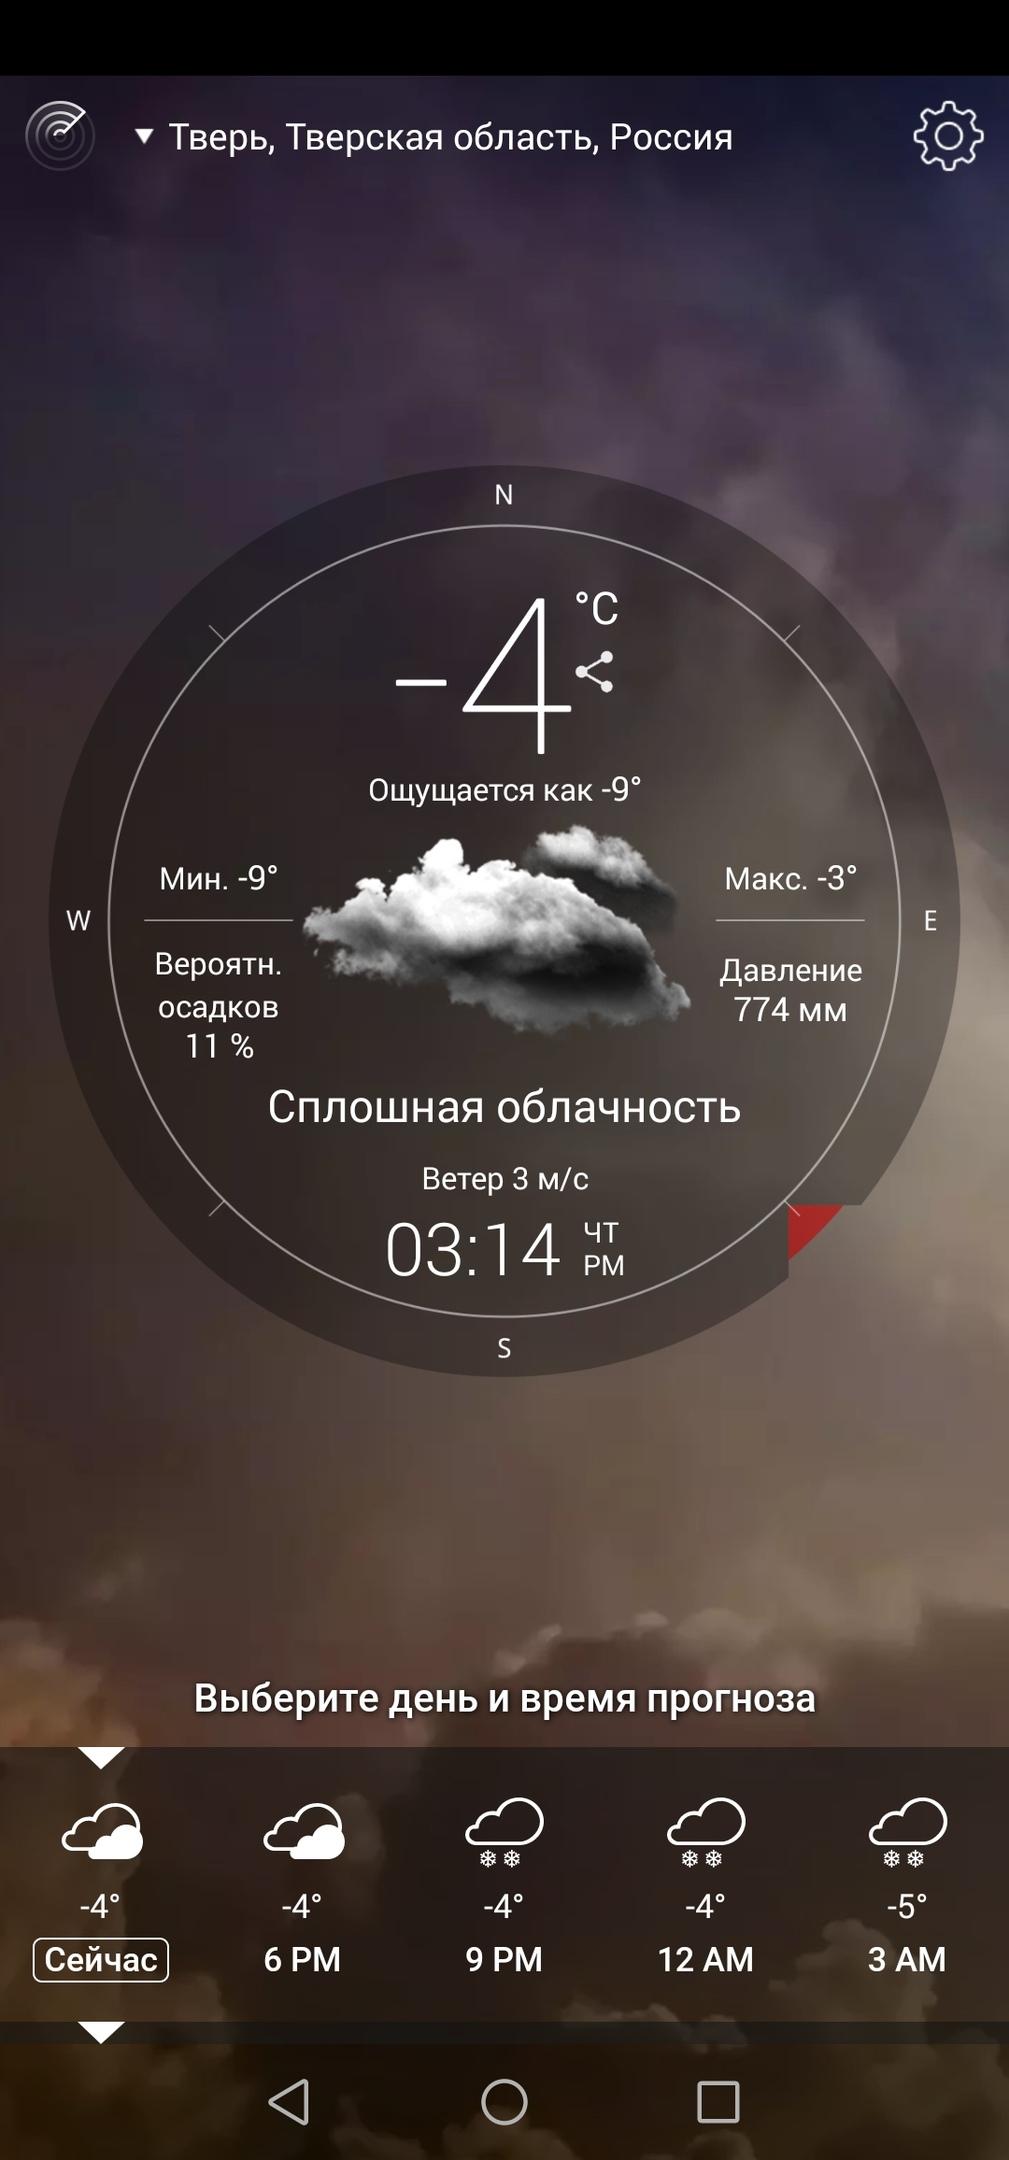 «Приложи смартфон»: обзор погодных программ для метеозависимых жителей Твери